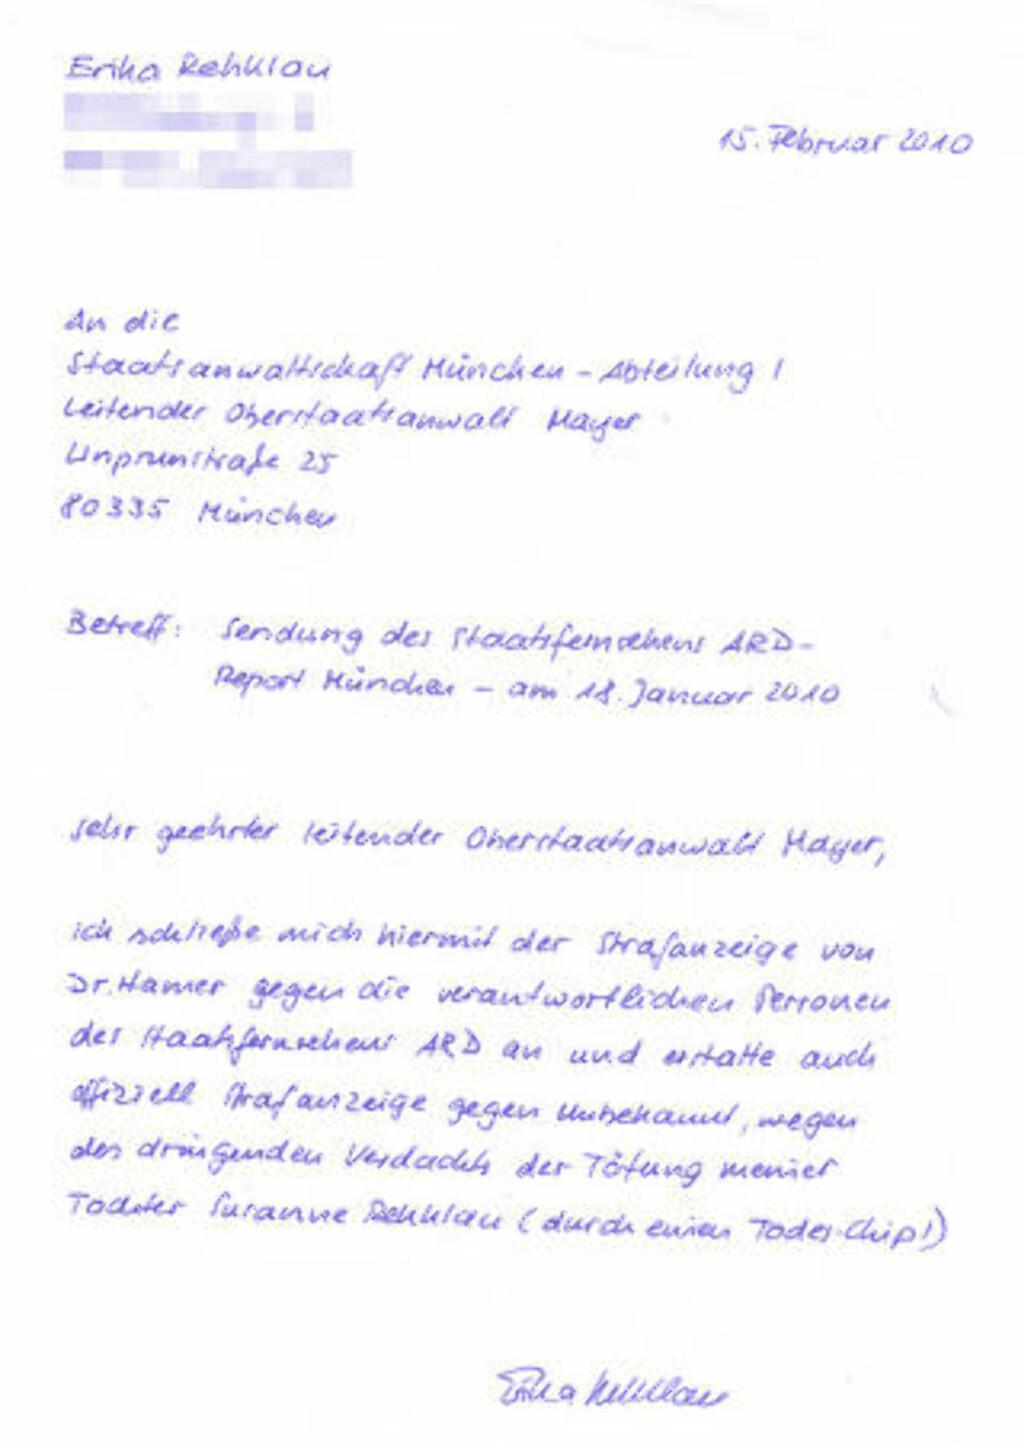 - DØDE AV MIKROCHIP: I dette brevet fra Susanne Rehklaus mor Erika slutter hun seg til Hamers anmeldelse av den tyske TV-kanalen ARD og anmelder samtidig den eller de som urettmessig har mistenkeliggjort henne for datterens dødsfall. Susanne, hevder moren, ble drept av en hemmelig implantert mikrochip, akkurat som Hamer hevder. Faksimile: HAMERS HJEMMESIDE